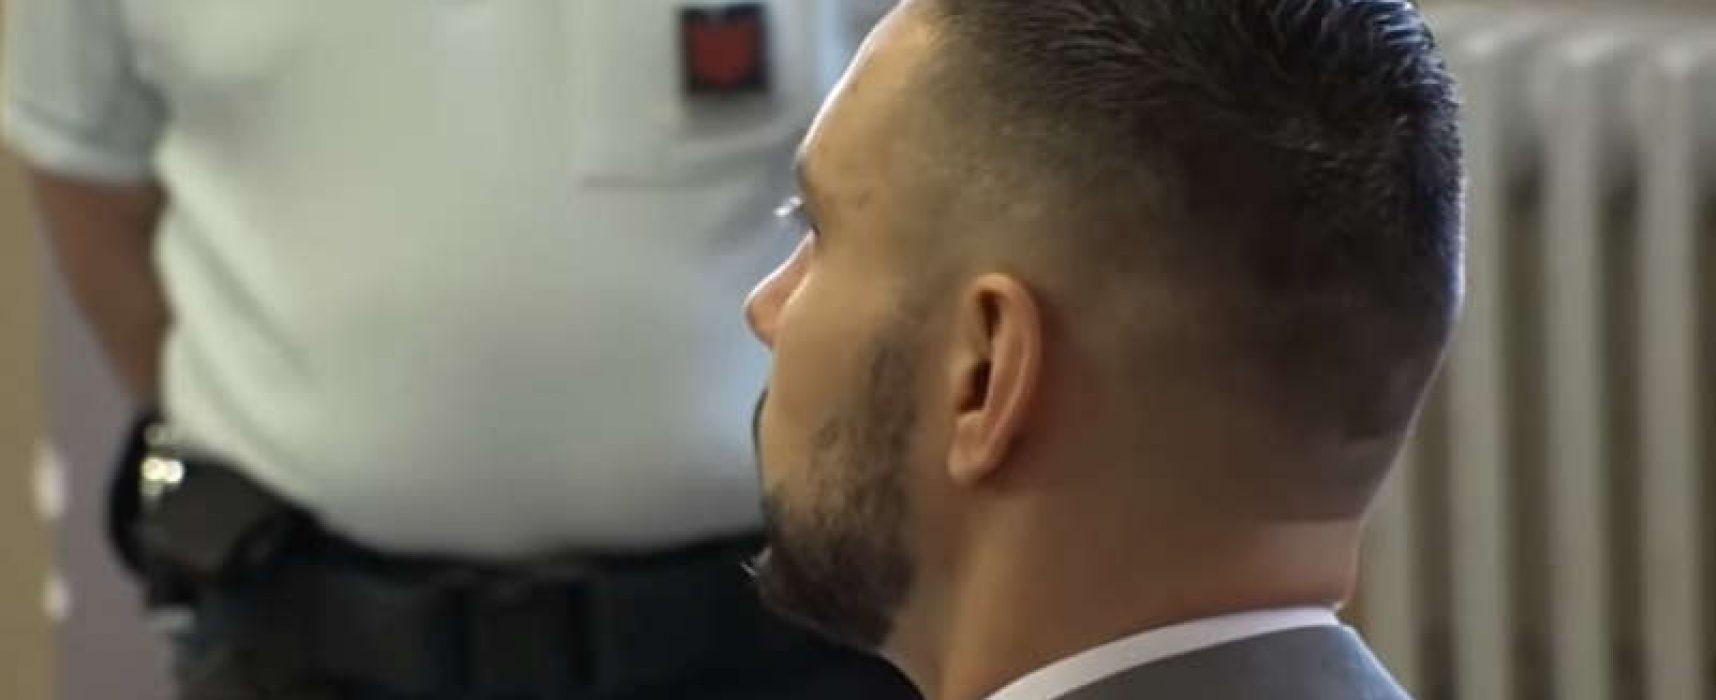 Fake : Al processo Rocchelli urla in aula e bandiere estremiste